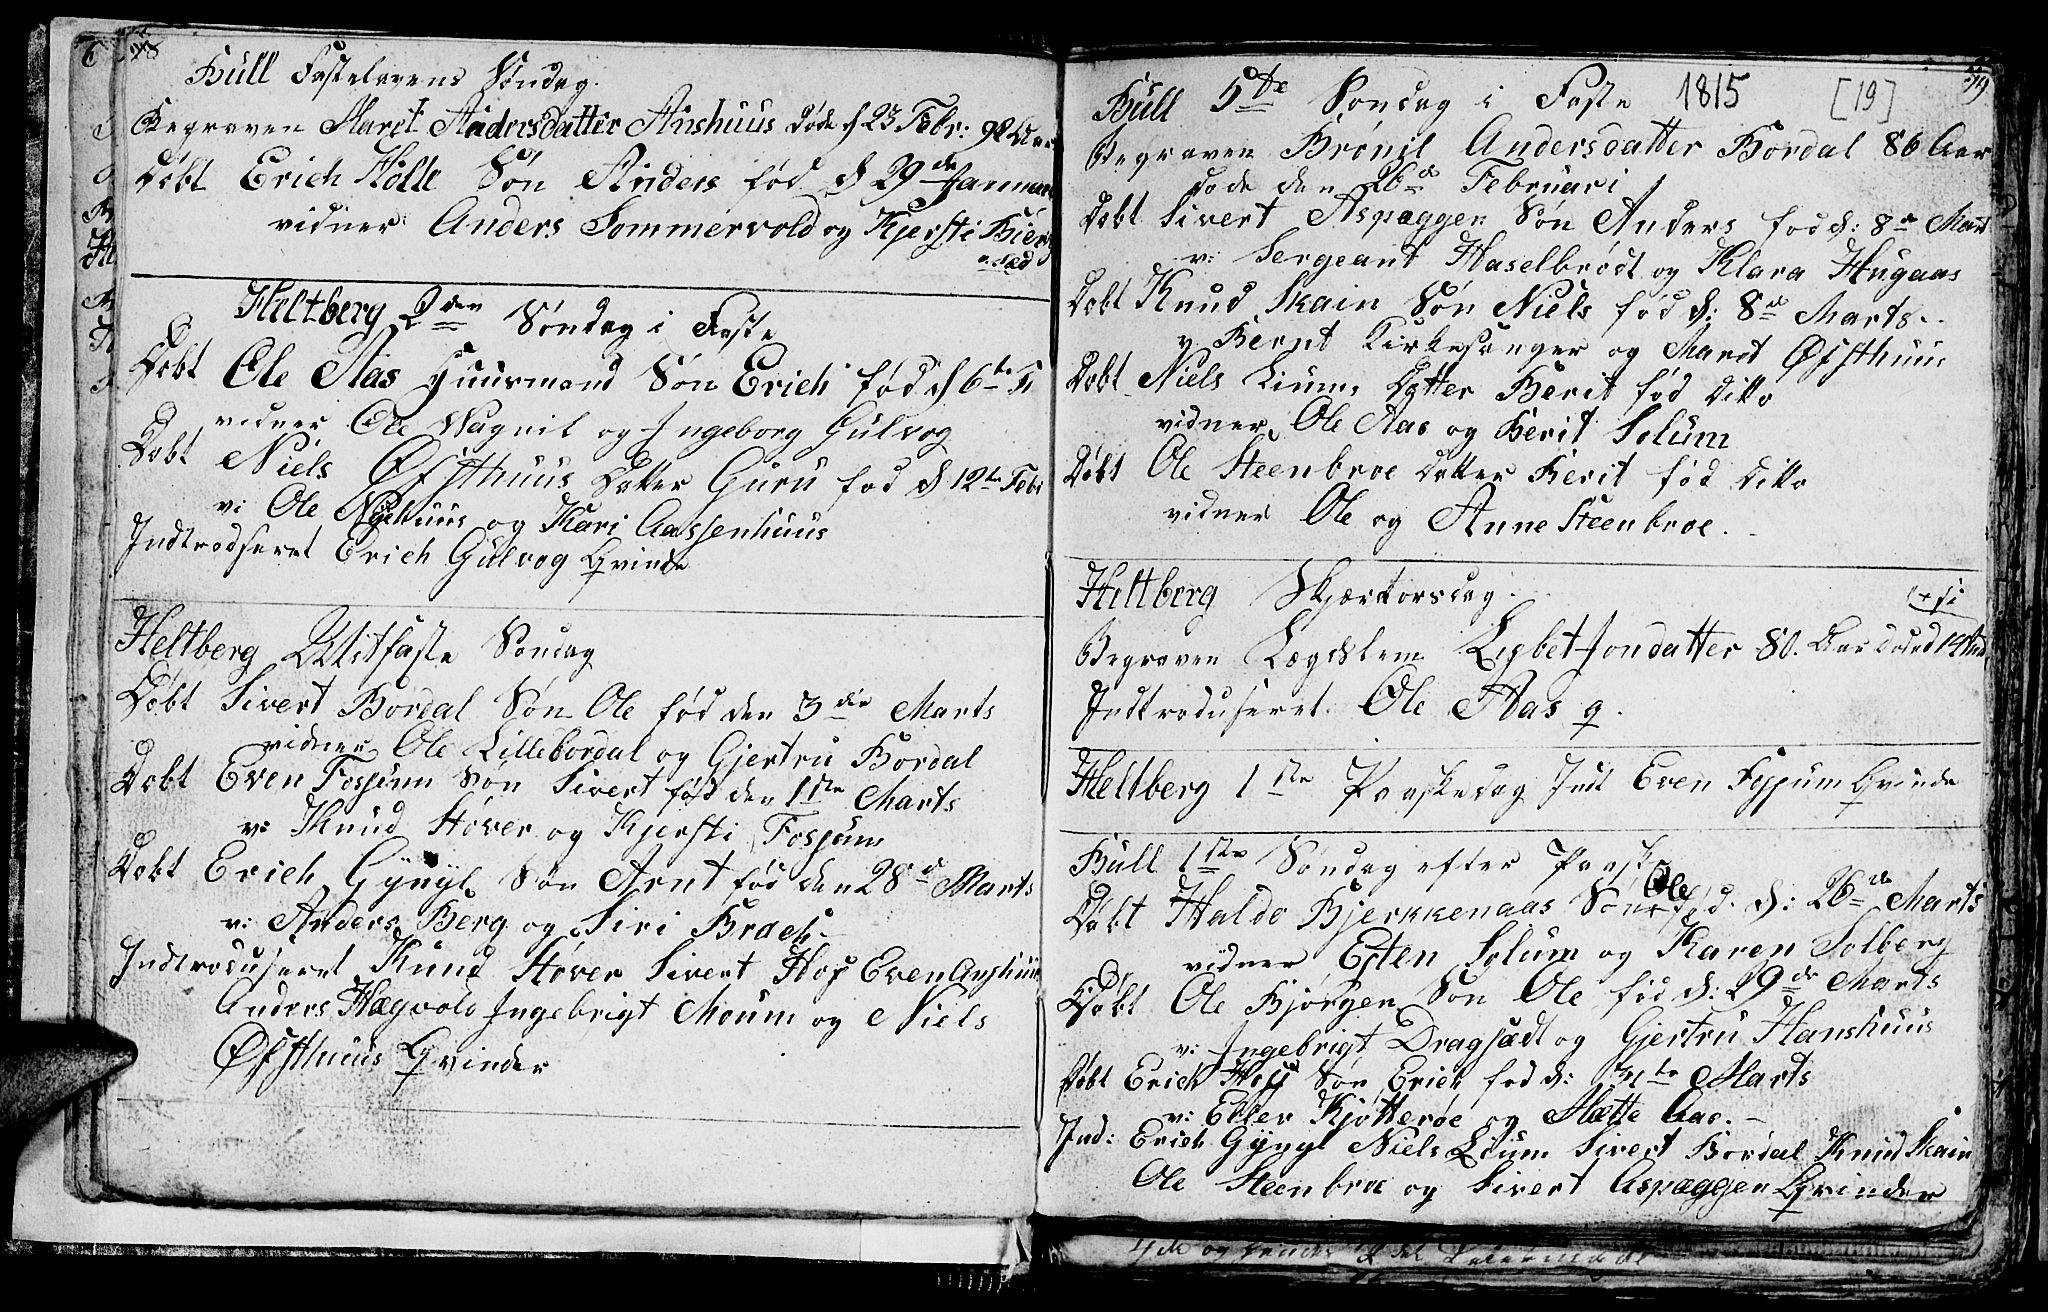 SAT, Ministerialprotokoller, klokkerbøker og fødselsregistre - Sør-Trøndelag, 689/L1042: Klokkerbok nr. 689C01, 1812-1841, s. 18-19